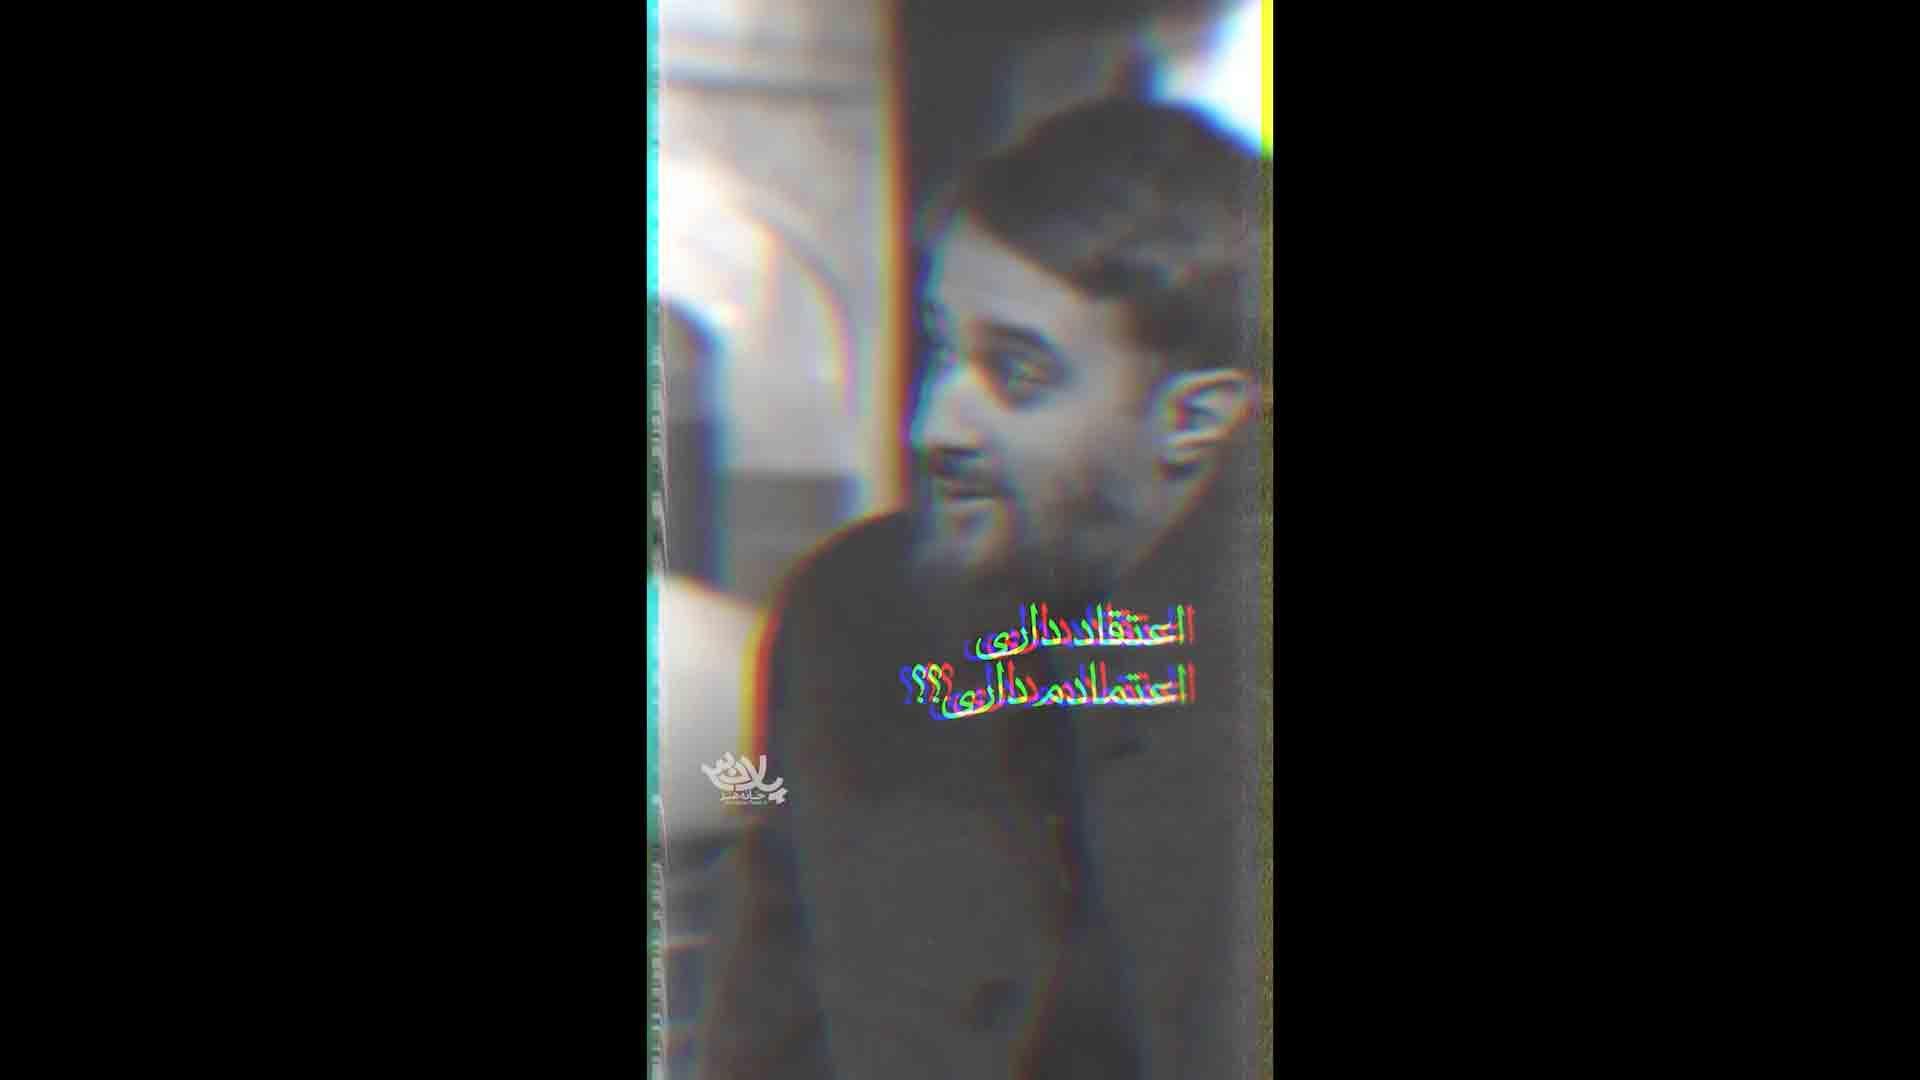 اعتماد داری اعتقادم داری محمدحسین پویانفر